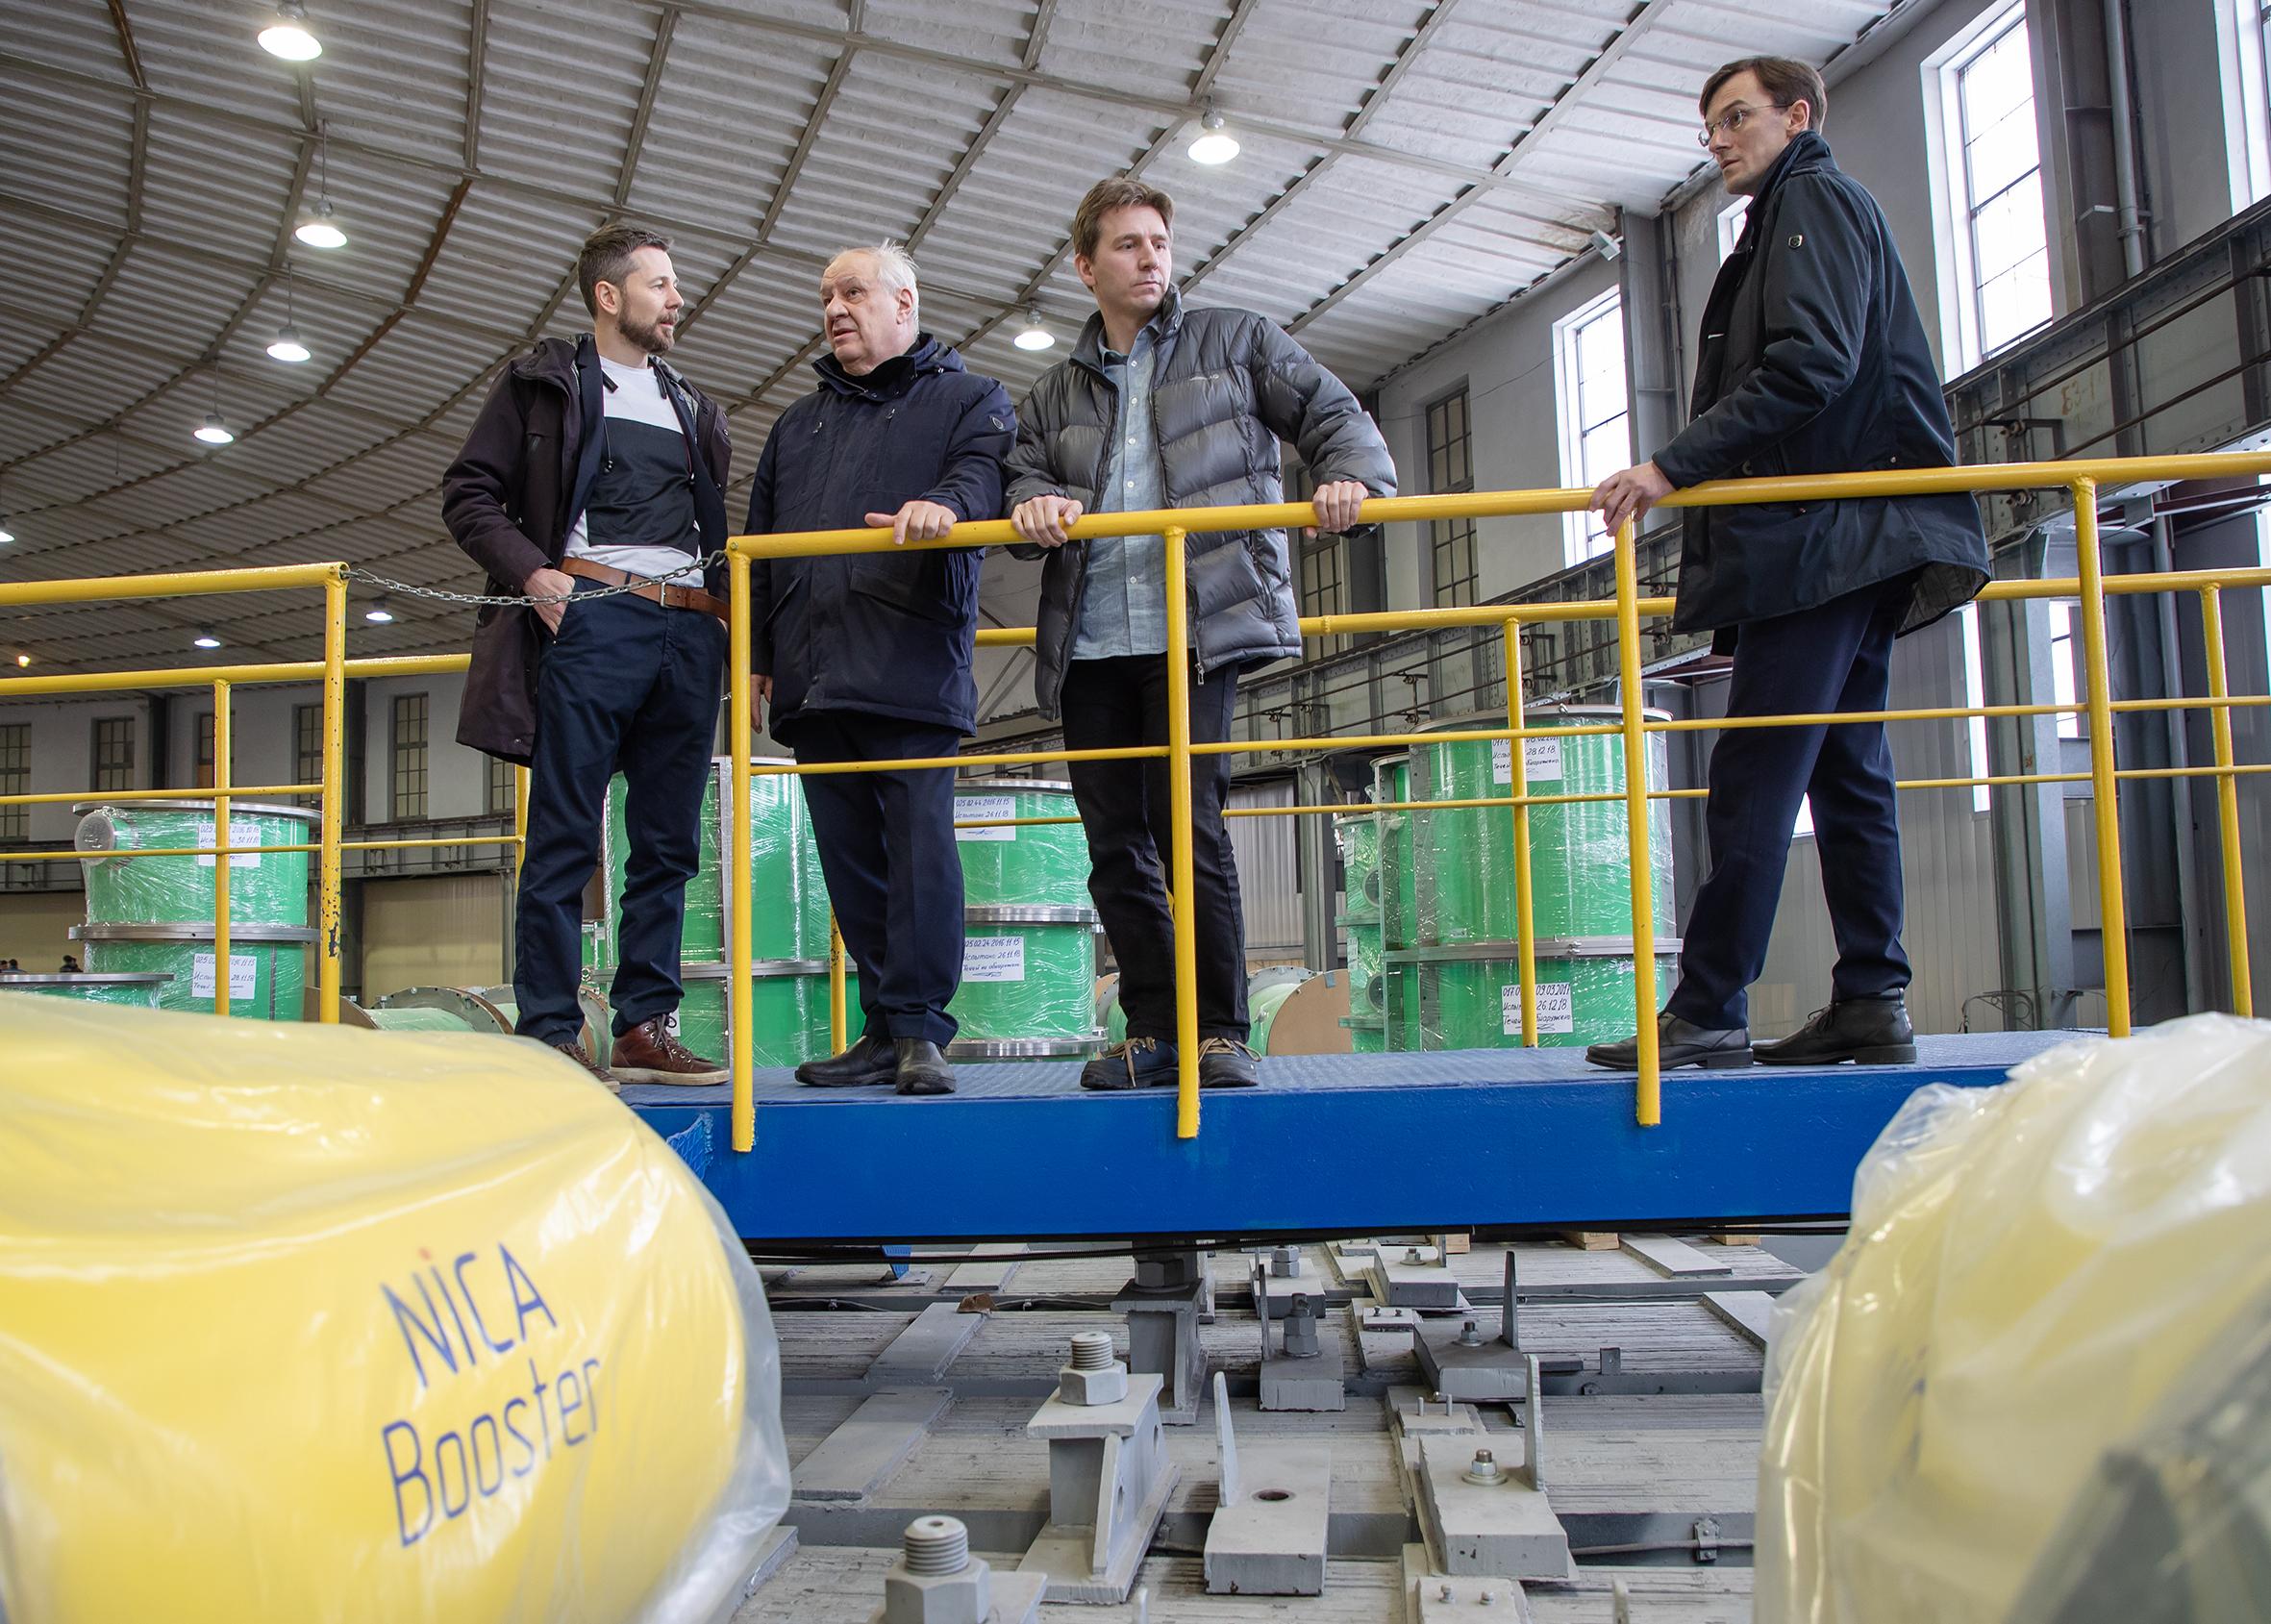 ОИЯИ посетили представители компании Яндекс в поиске областей взаимного интереса